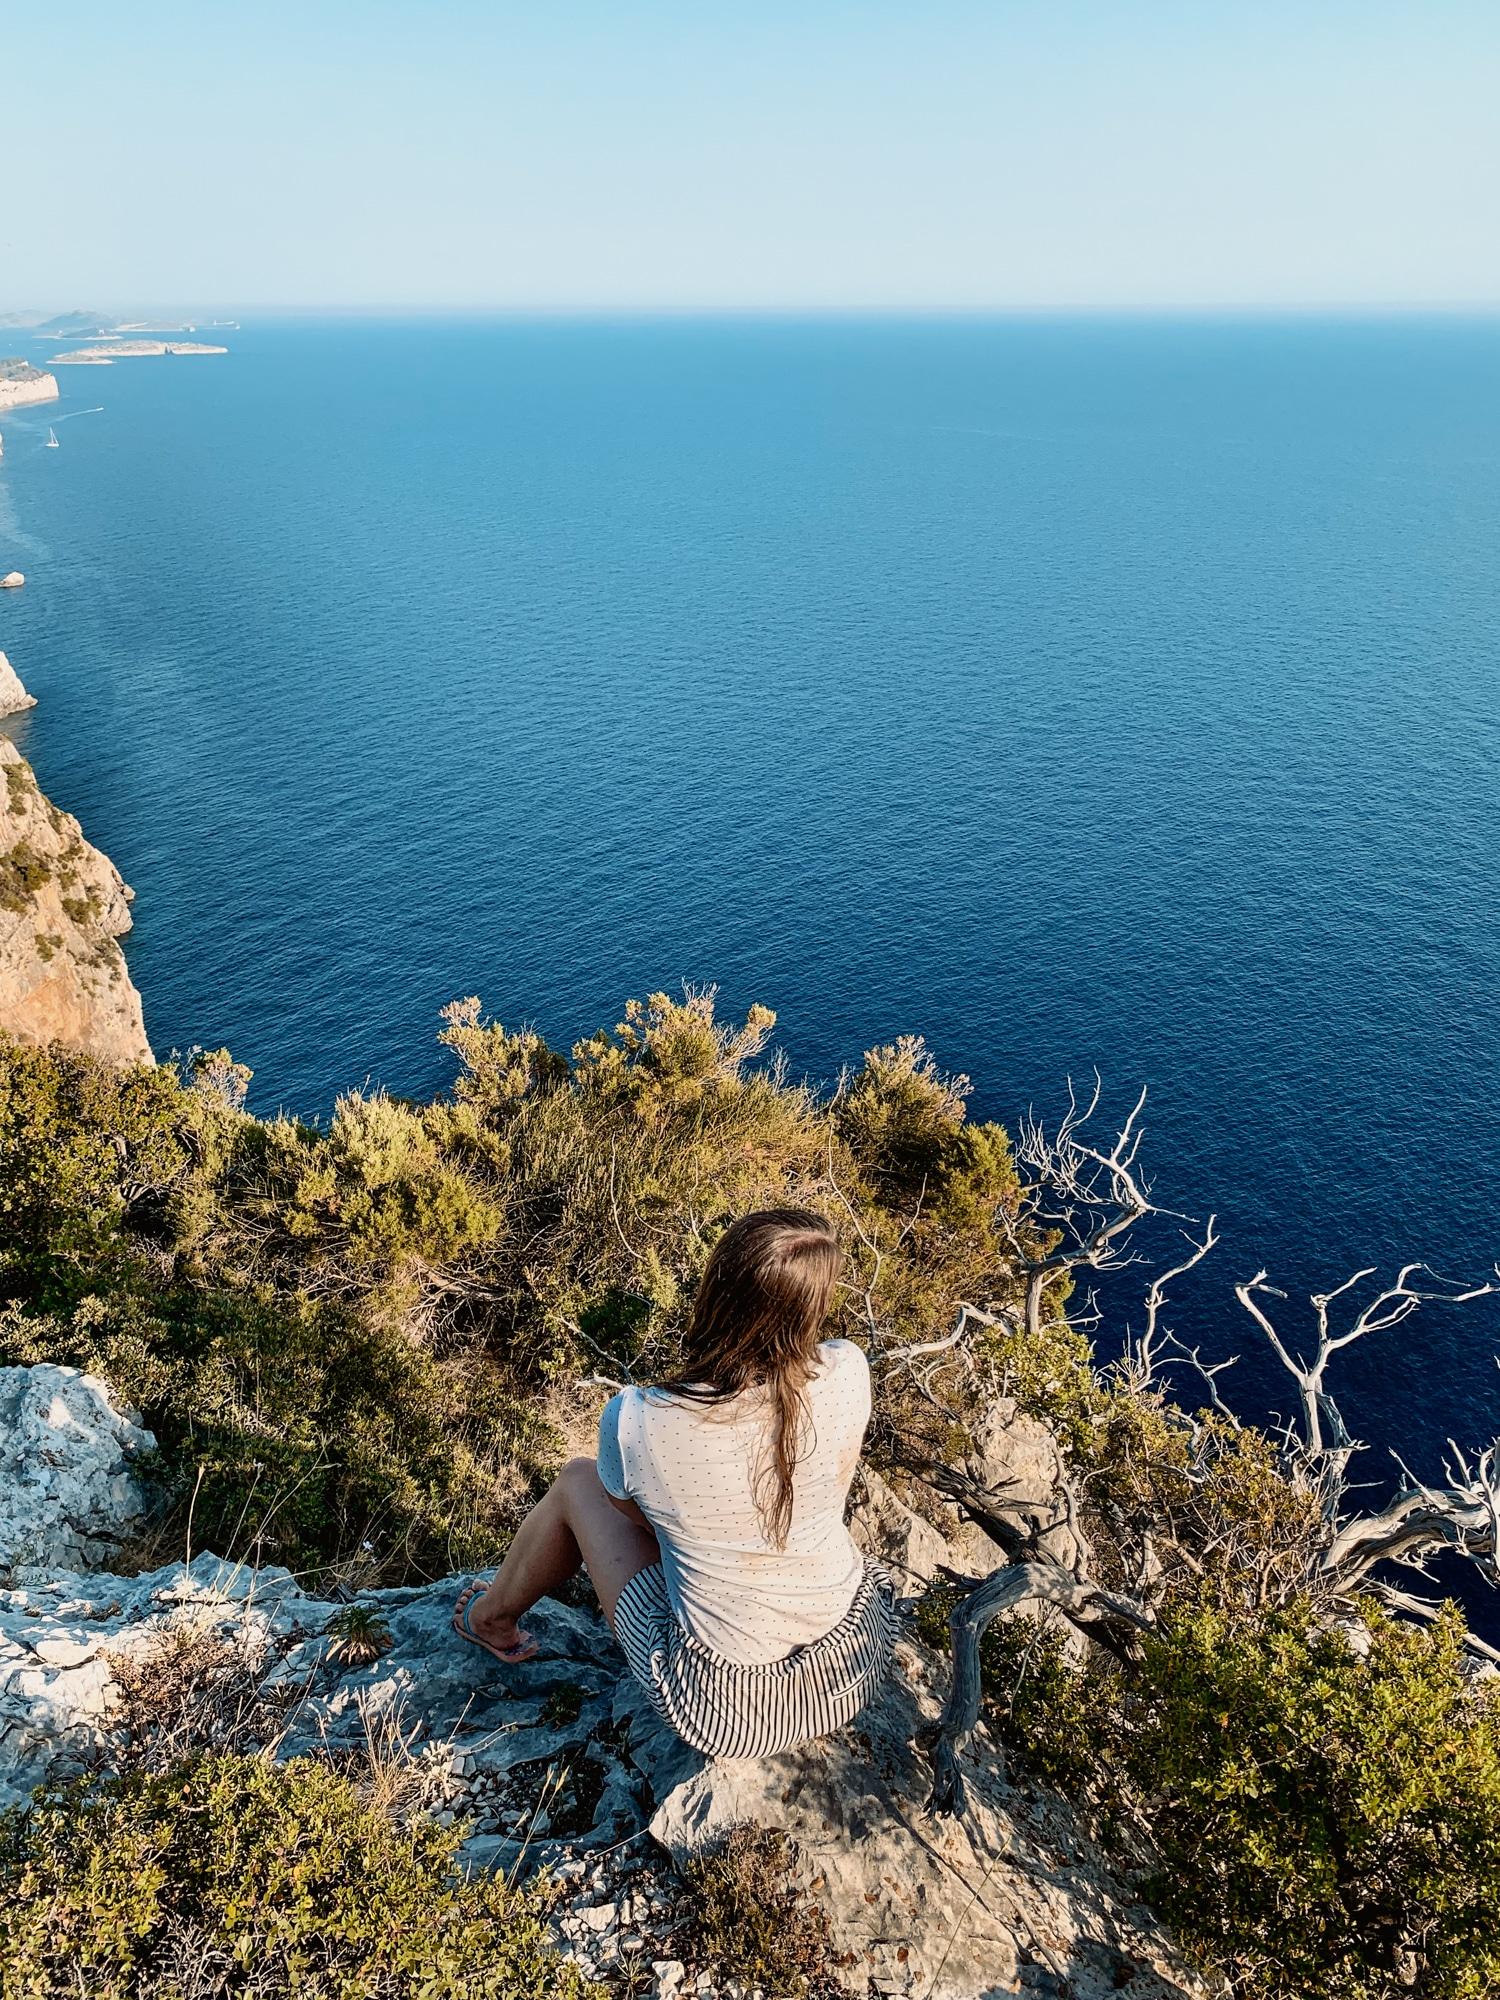 Dugi Otok Sehenswürdigkeiten: Meine Highlights und Tipps für die Insel - Naturpark Telascica, Klippen